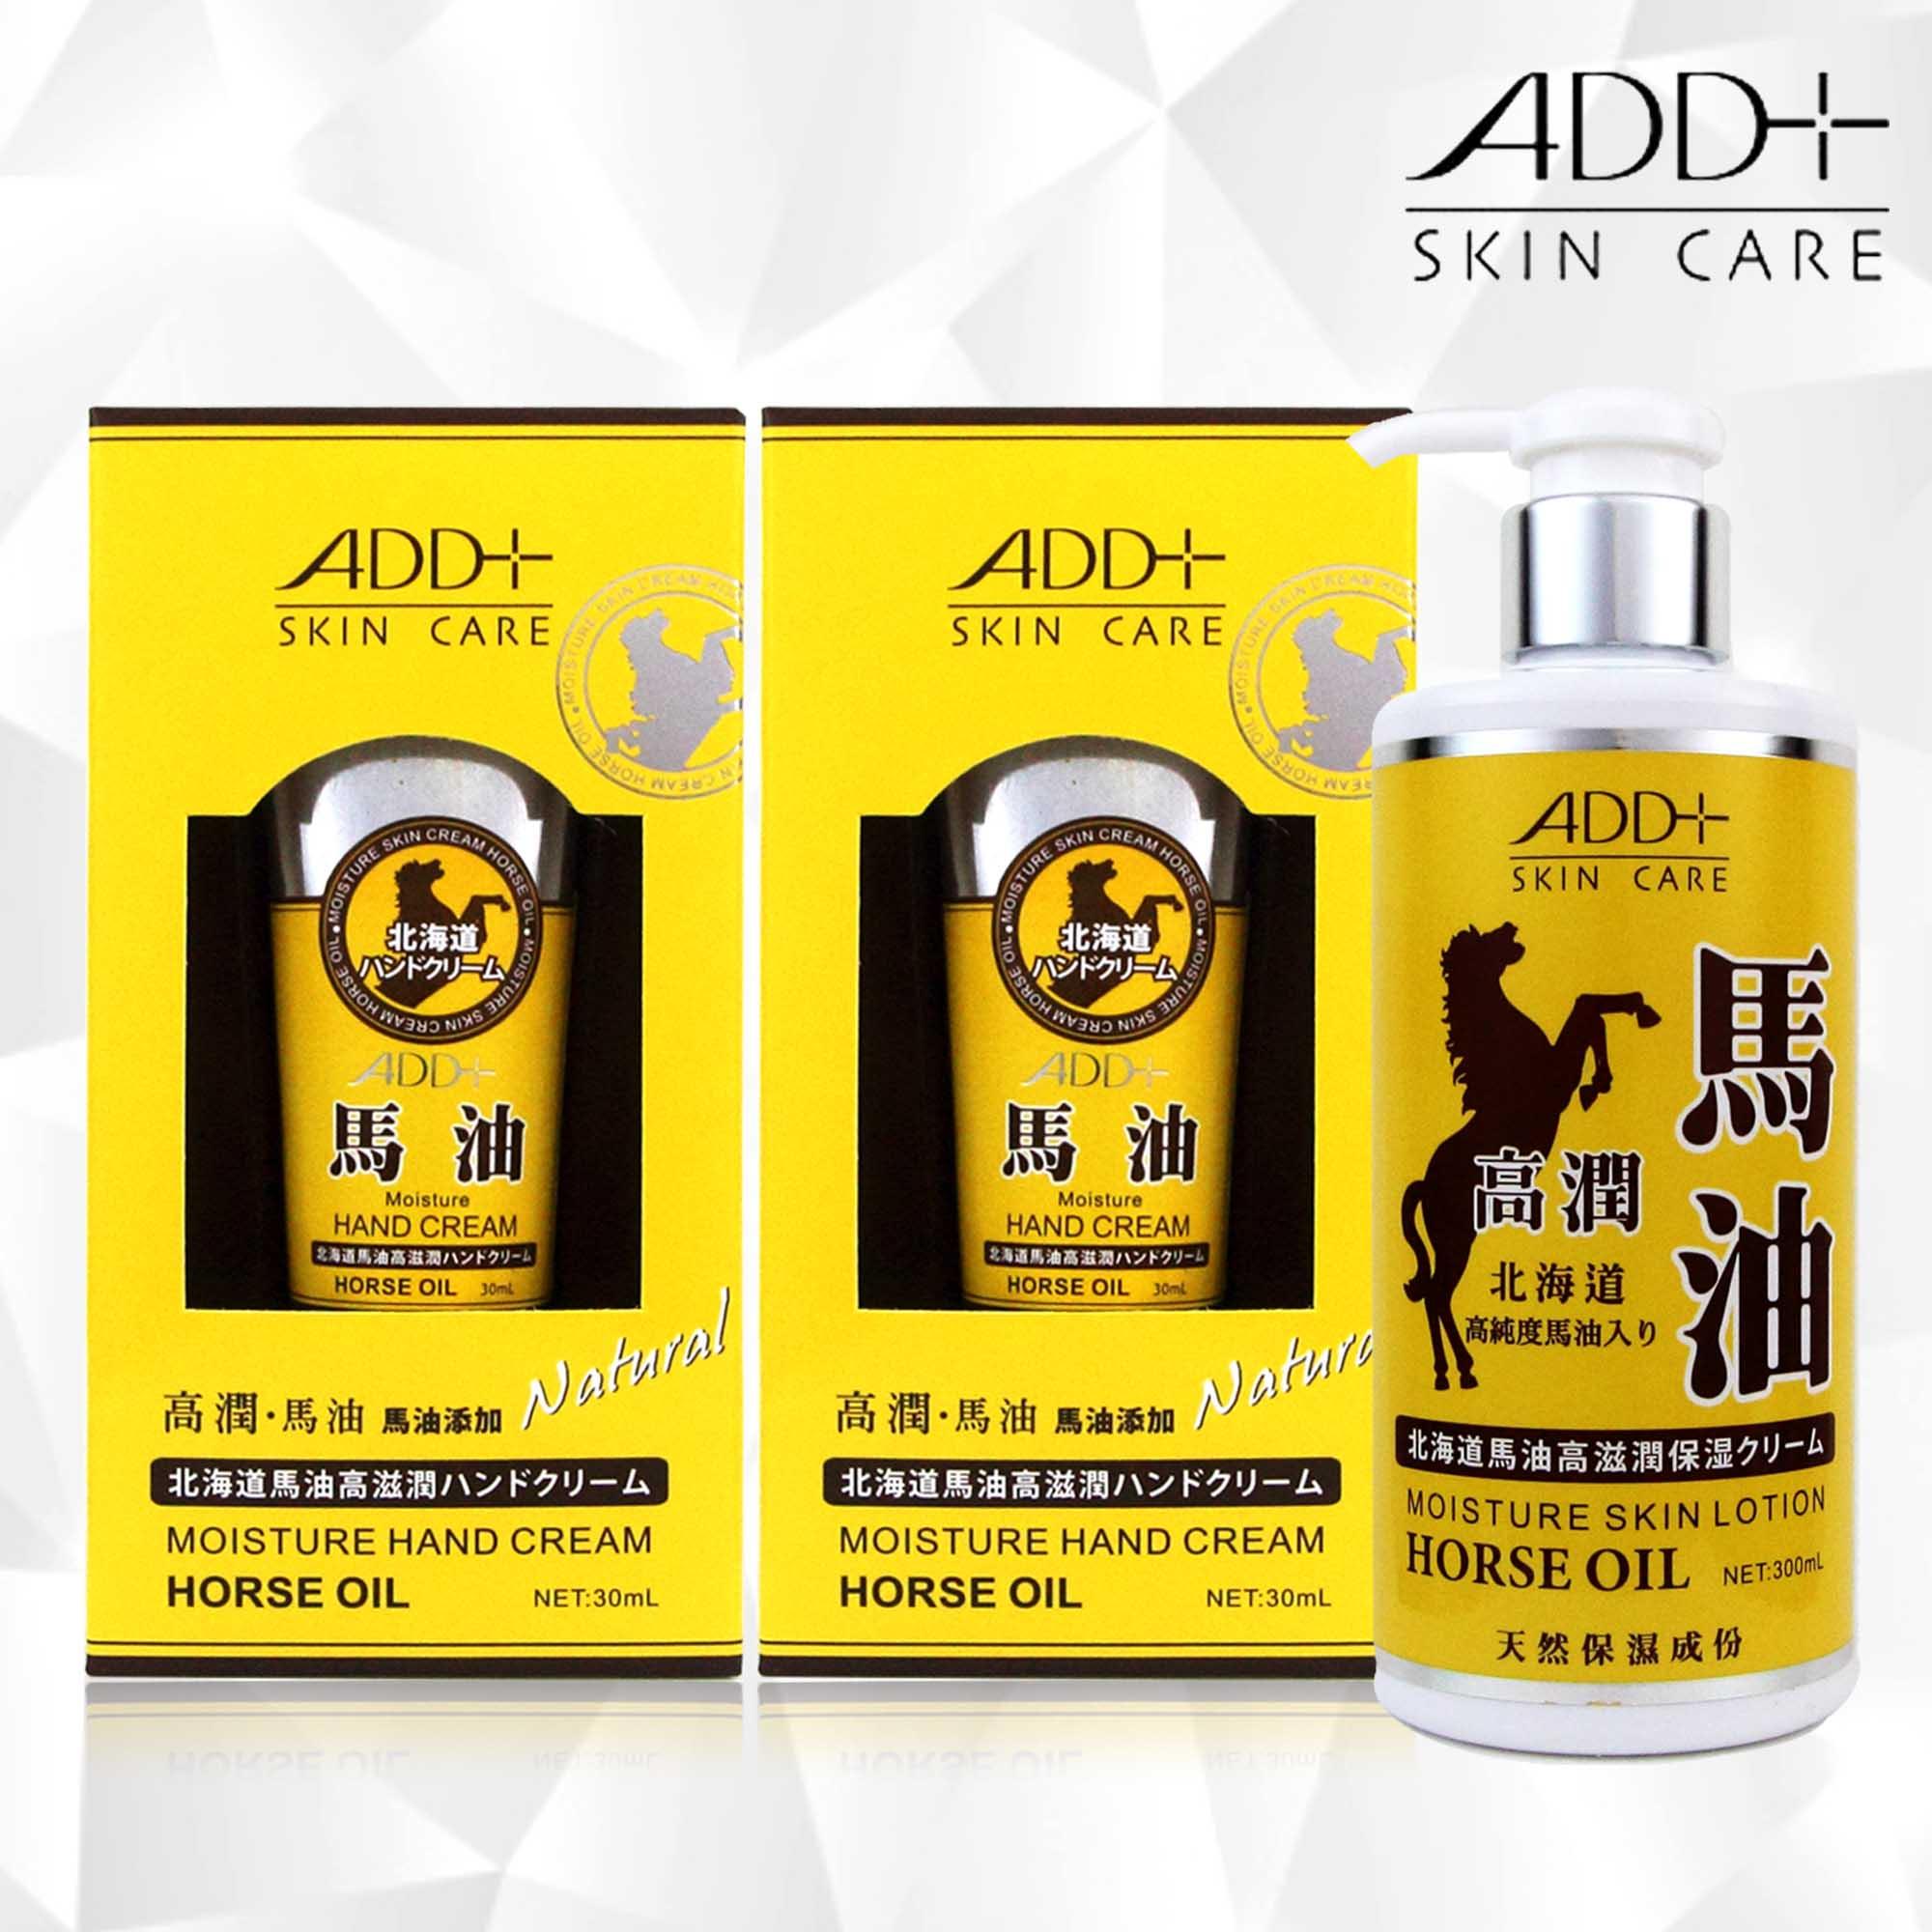 深層滋養✪高效保濕【ADD+】北海道馬油高滋潤肌膚水嫩保養組(30mlx2+300ML)